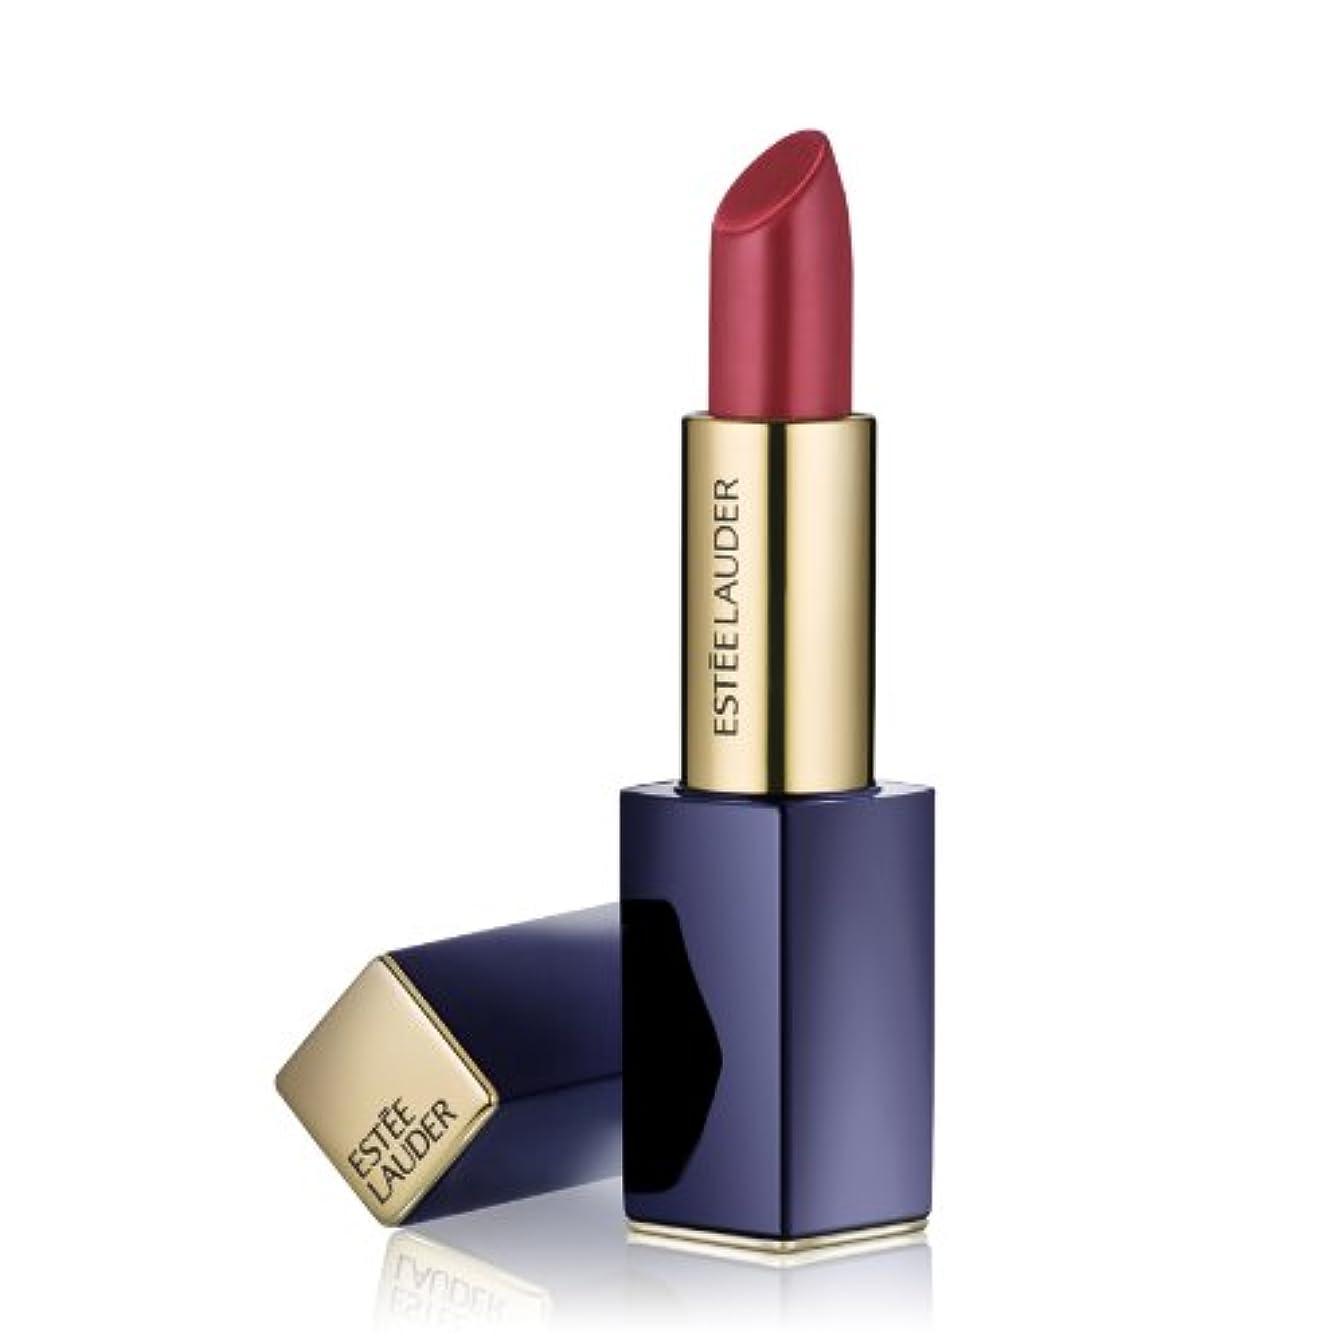 入札ジャンクション役立つエスティローダー Pure Color Envy Sculpting Lipstick - # 240 Tumultuous Pink 3.5g/0.12oz